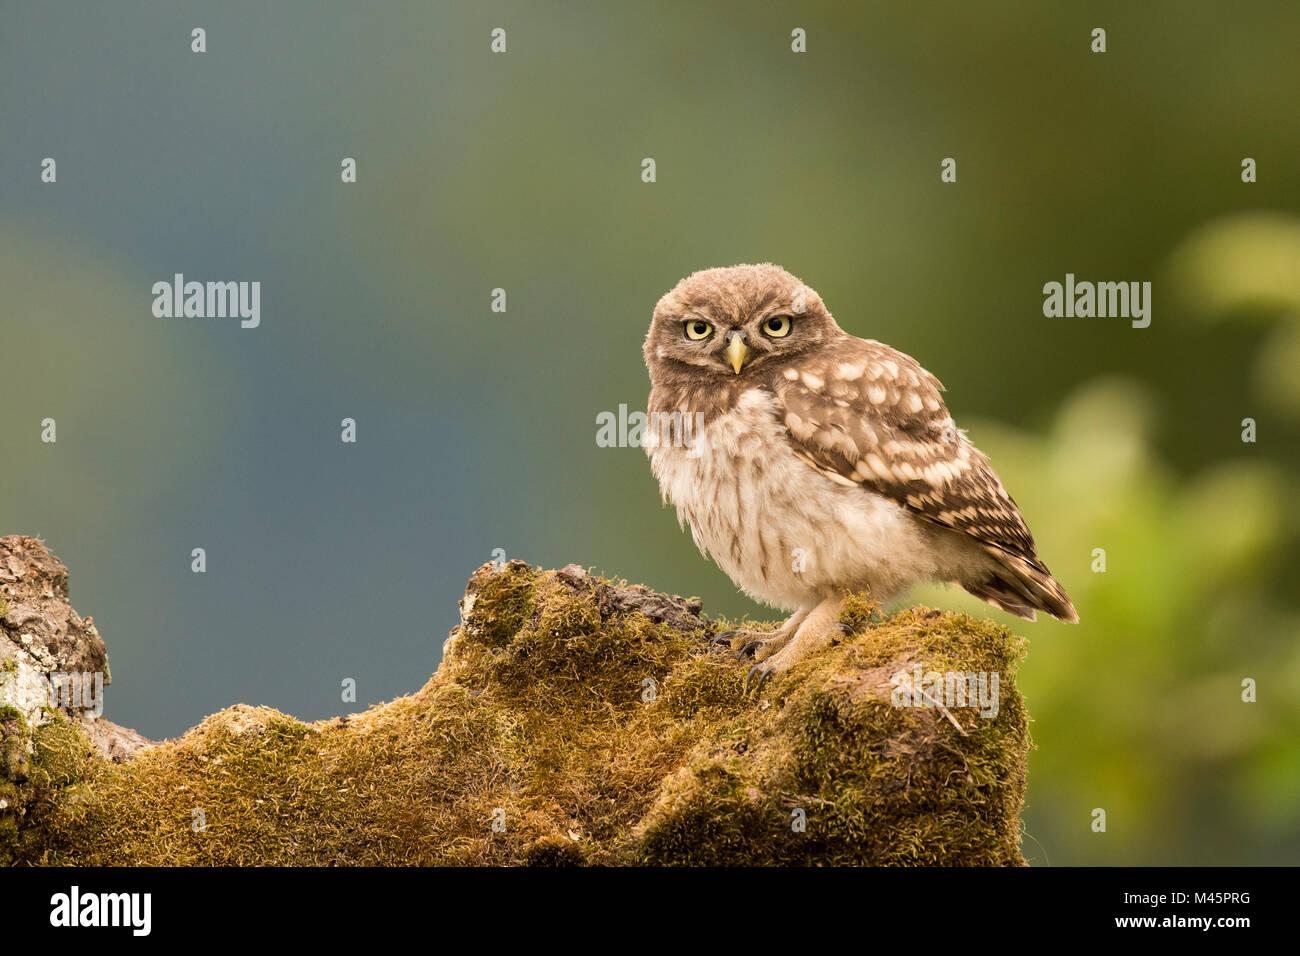 Steinkauz (Athene noctua), sitzend, direkter Blick, Rheinland-Pfalz, Deutschland Stockbild